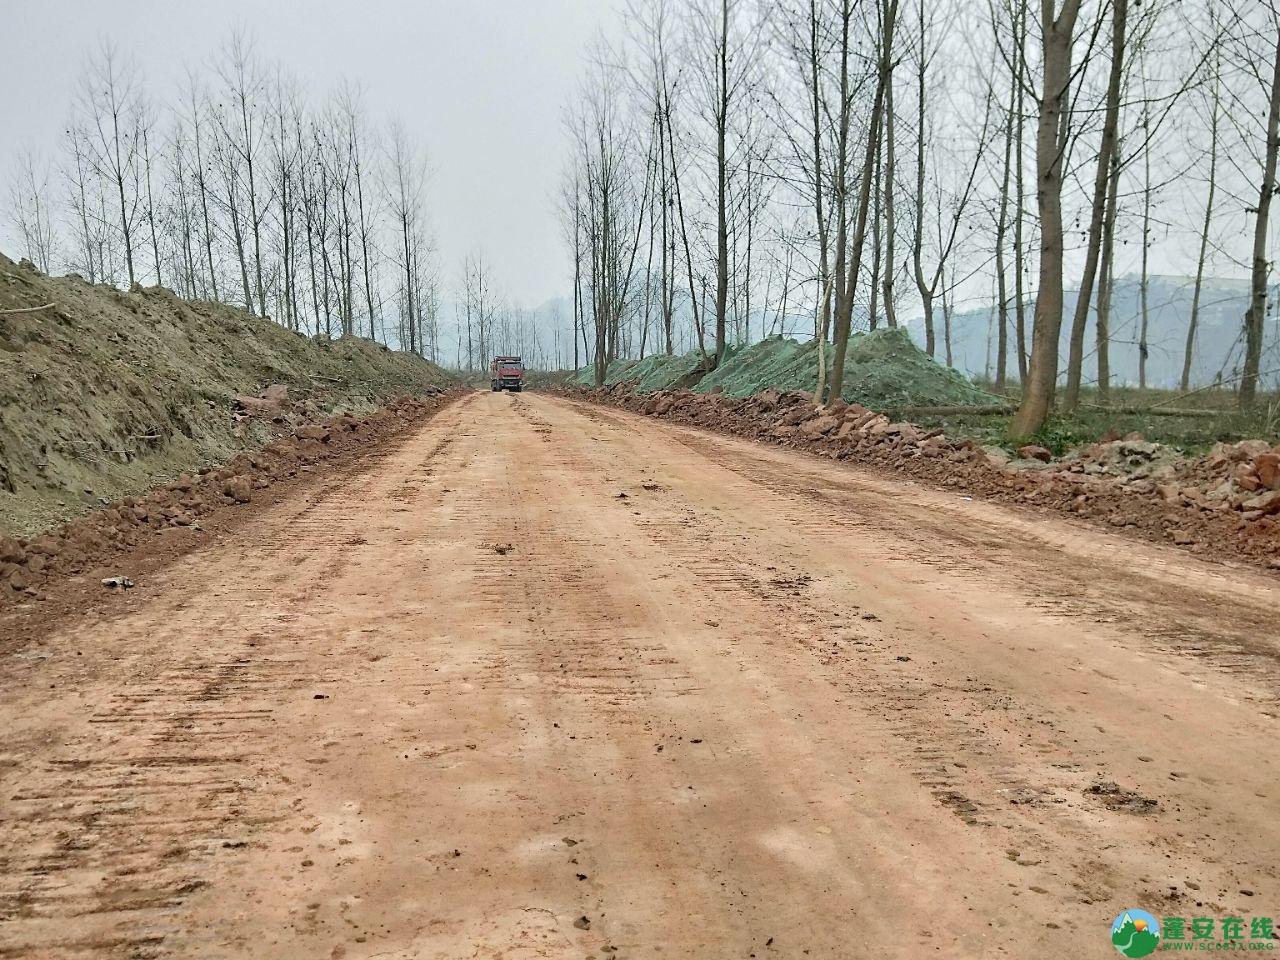 蓬安锦屏湿地公园漫步跑道修建进度(2019年1月13日) - 第6张  | 蓬安在线